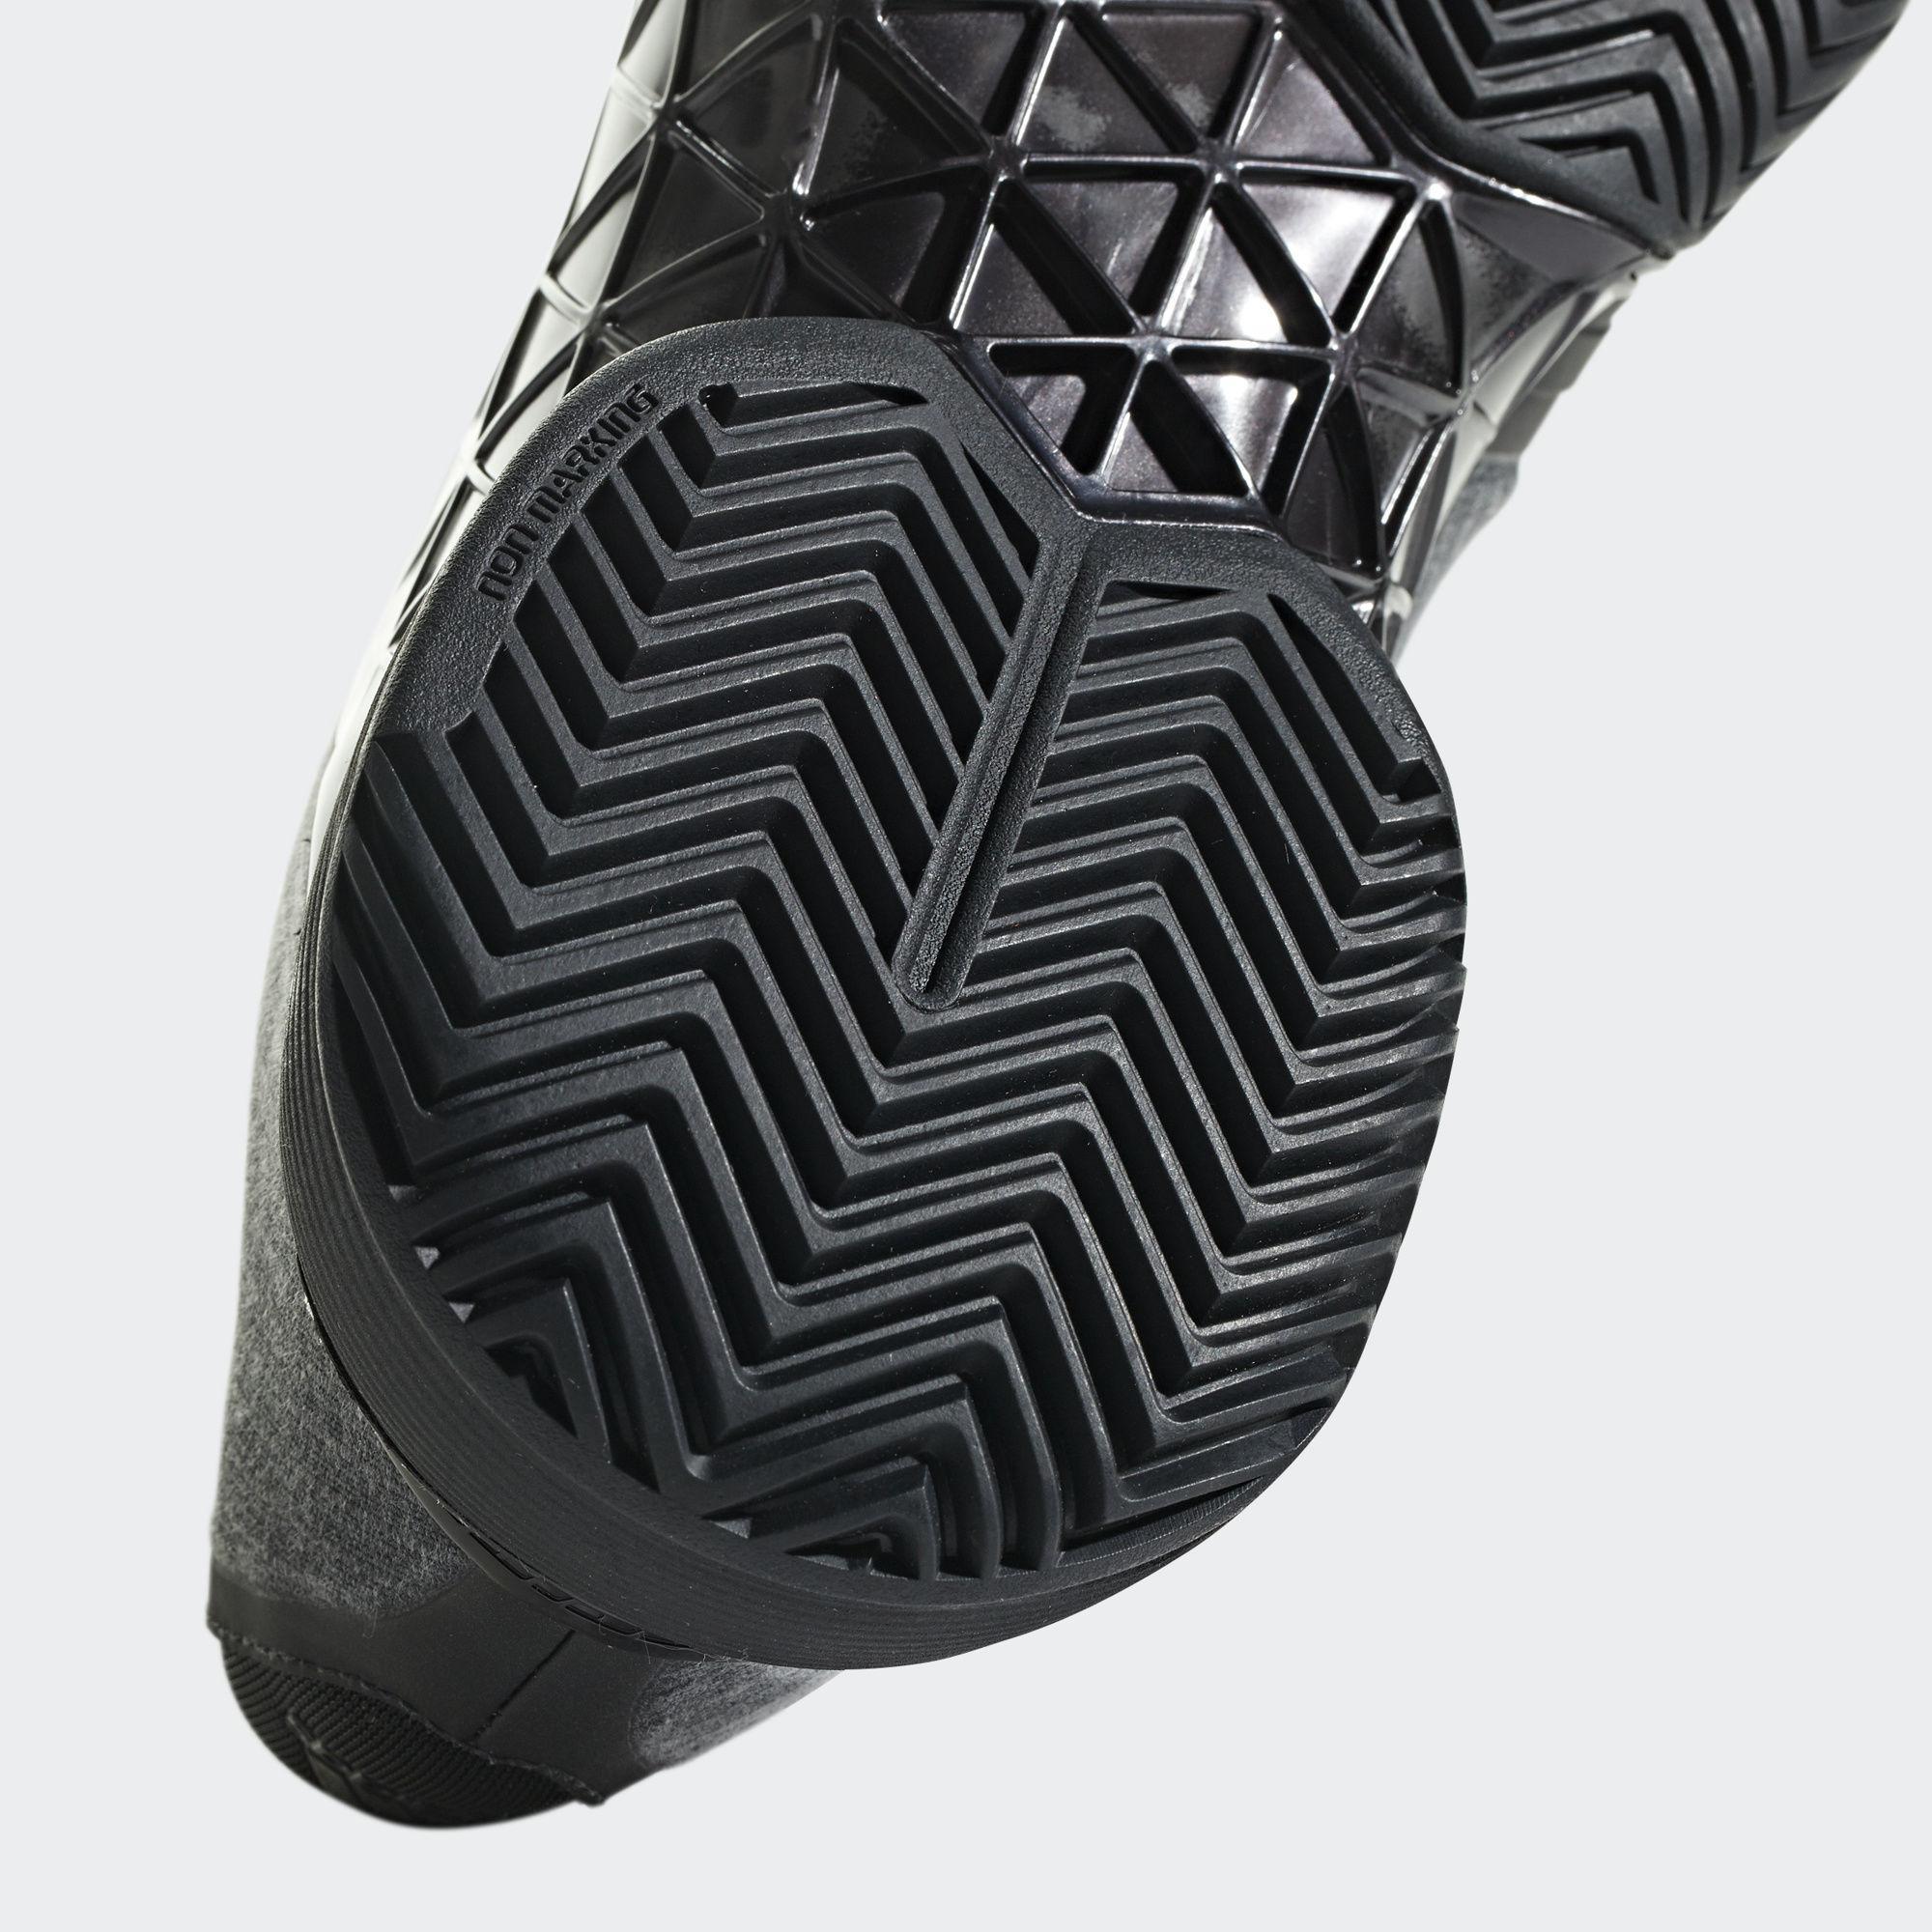 b40b9a6a5ef980 Adidas Mens Barricade 2018 LTD Edition Tennis Shoes - Black ...